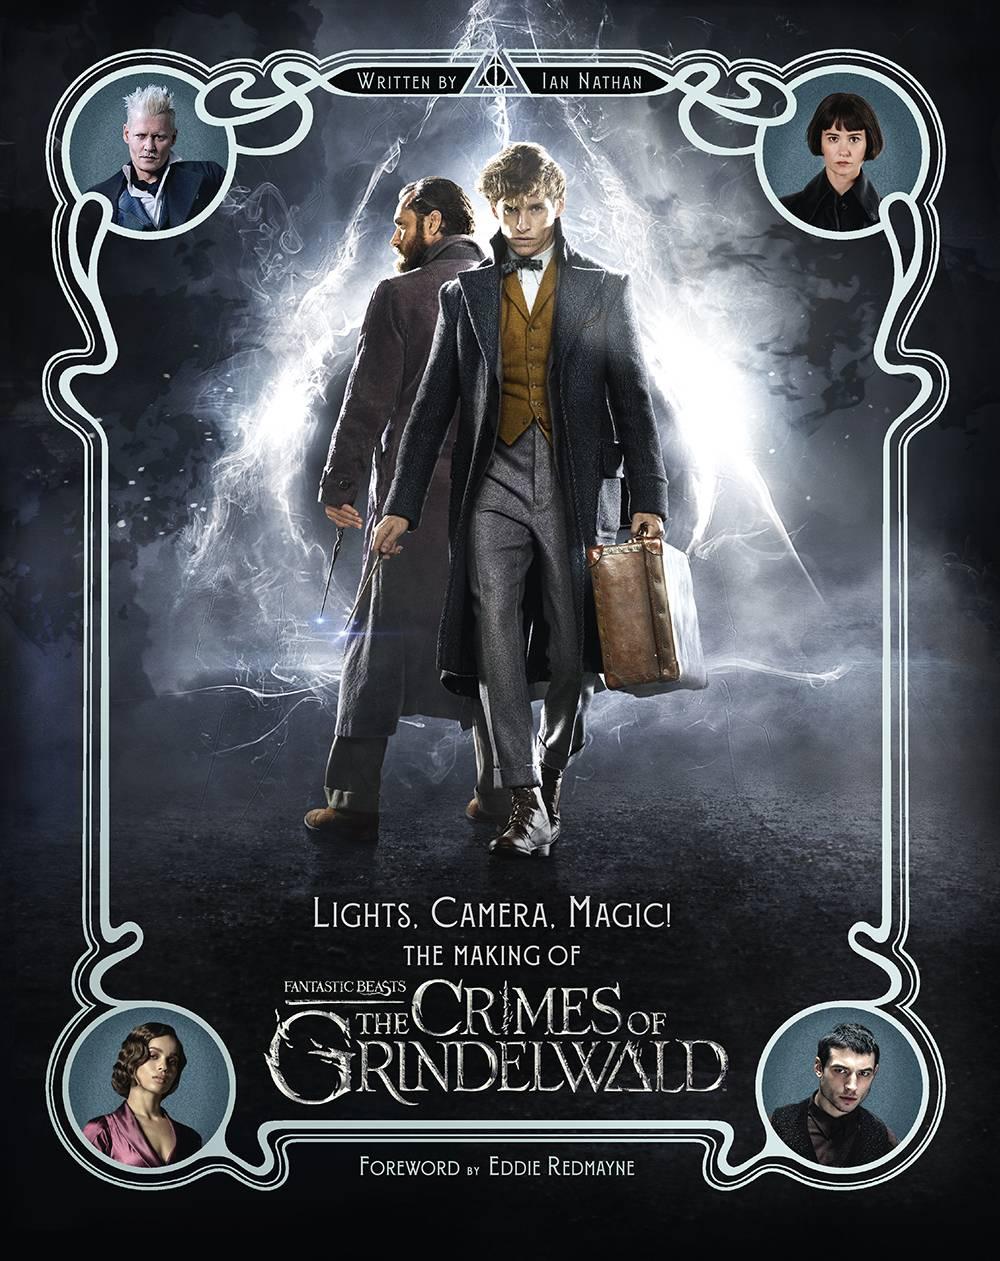 Novas Imagens De Os Crimes De Grindelwald Nos Livros E Produtos